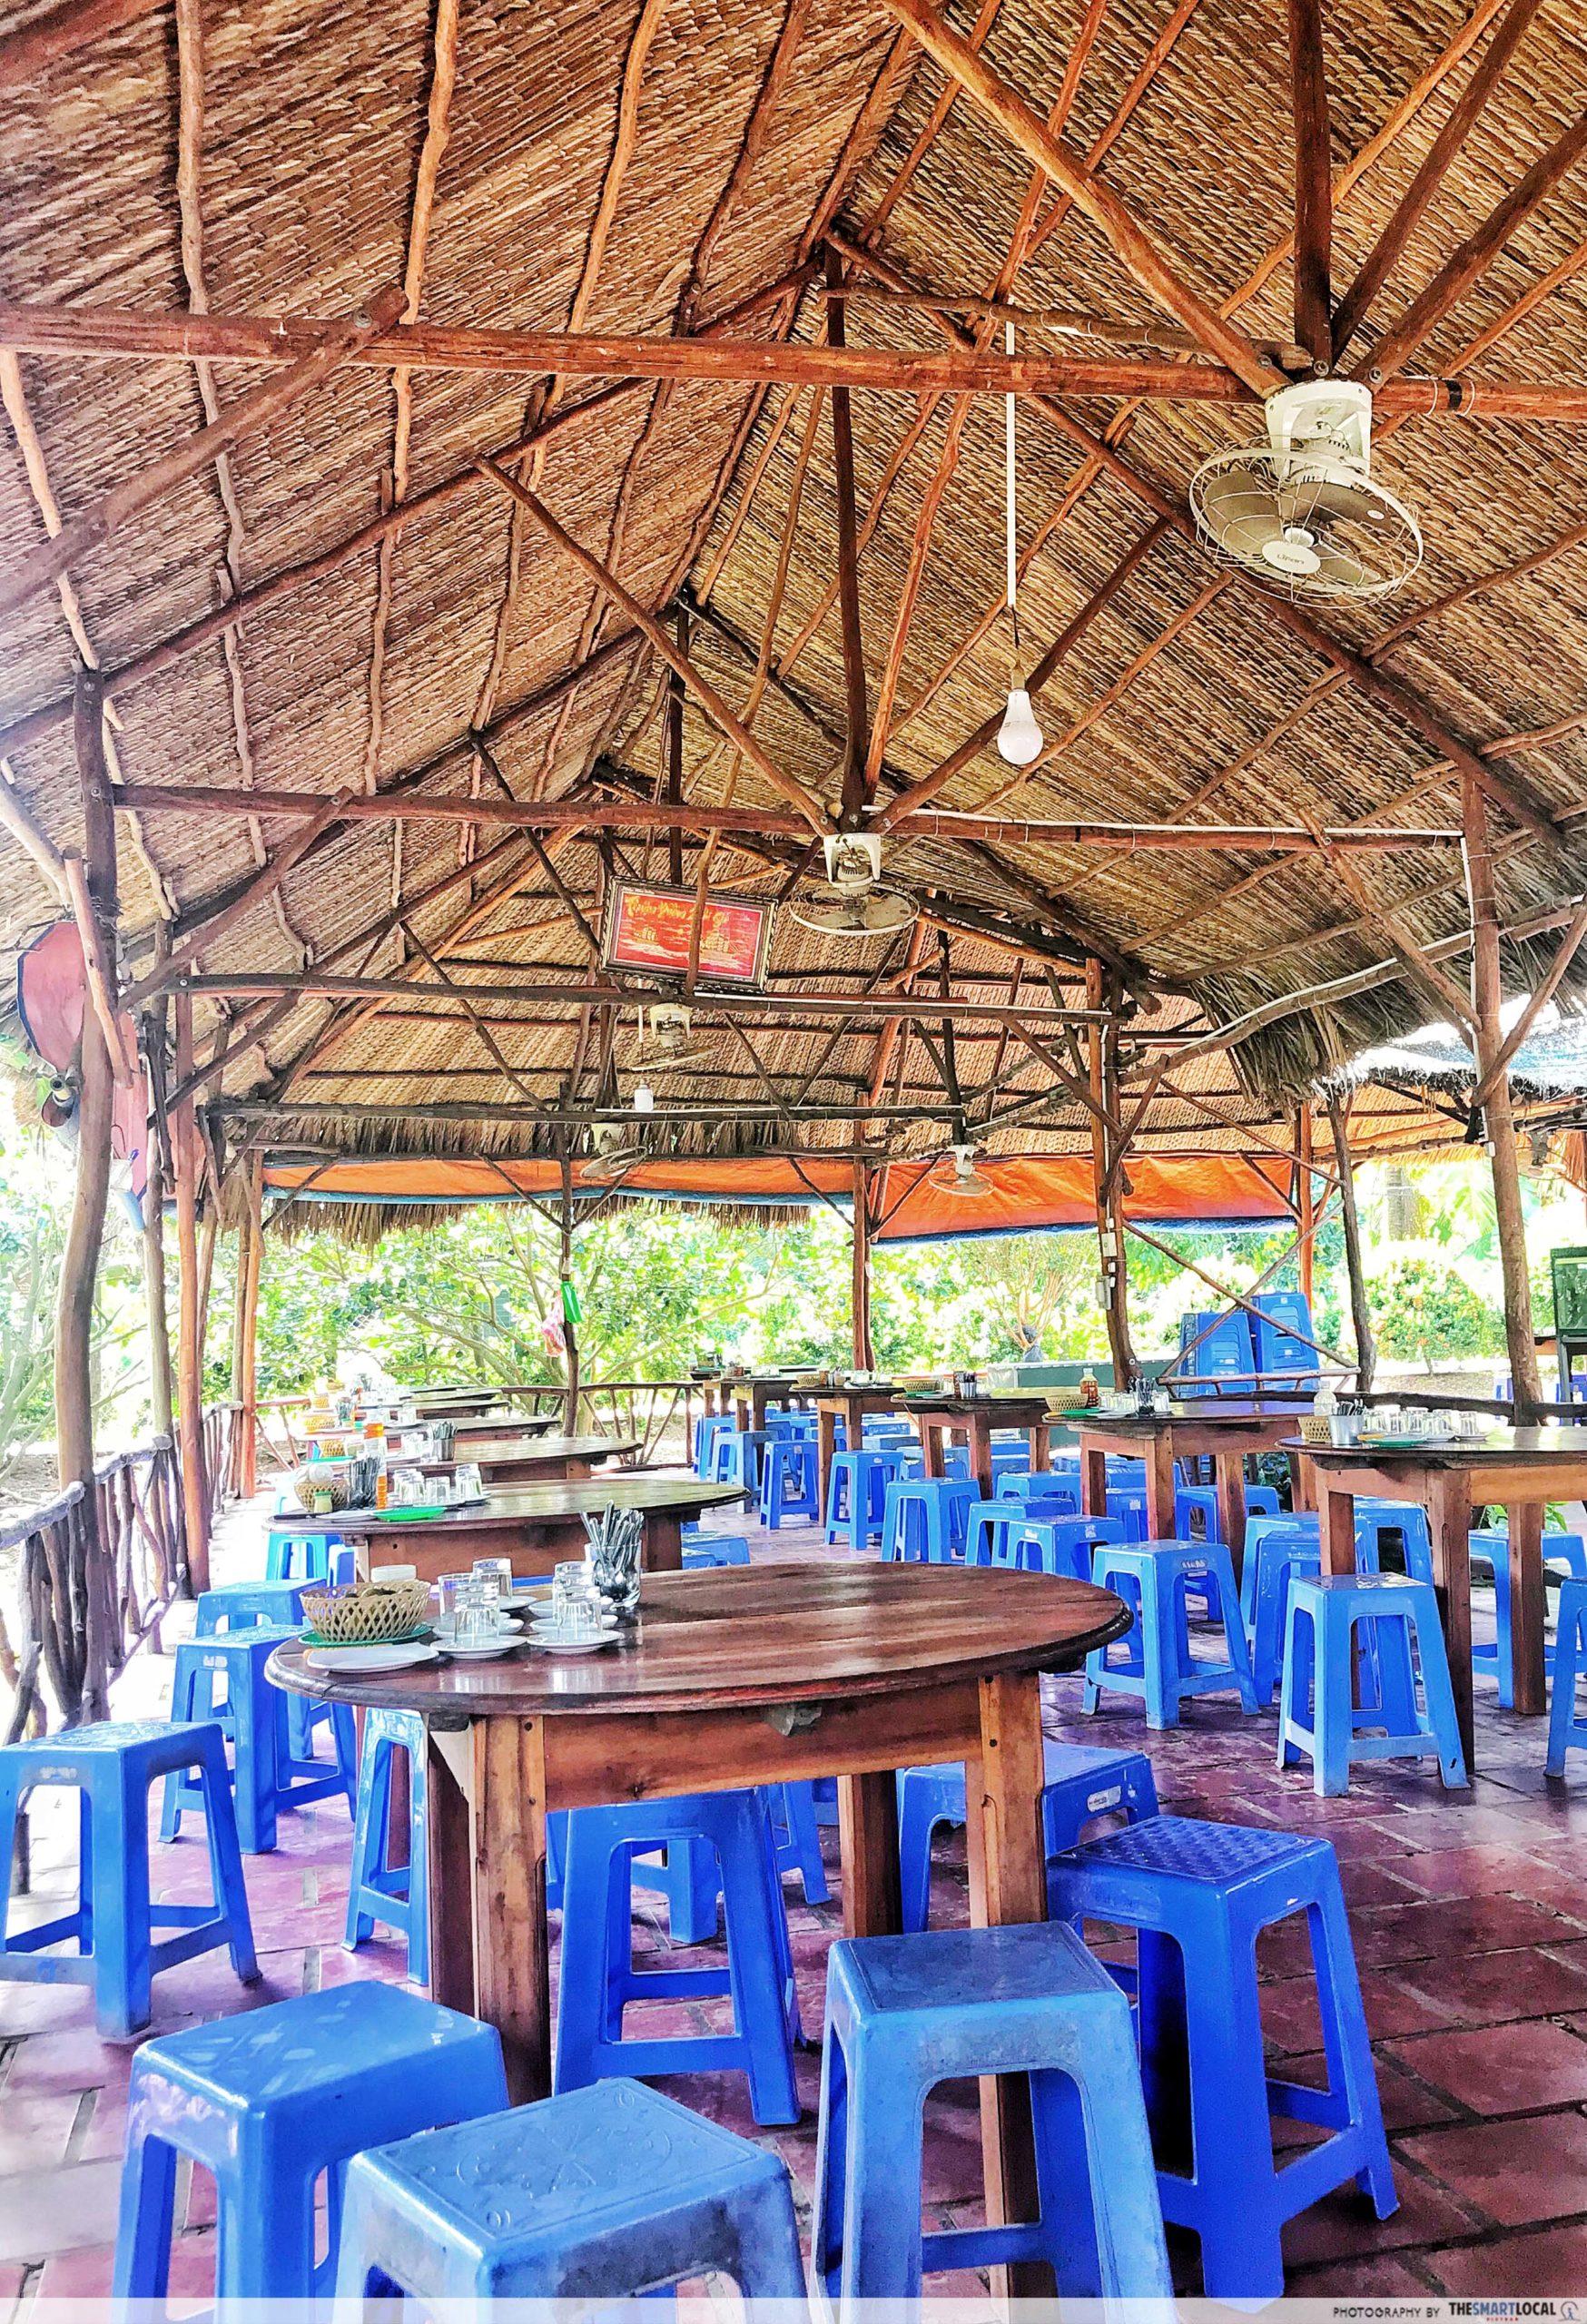 Viet Nhat restaurant